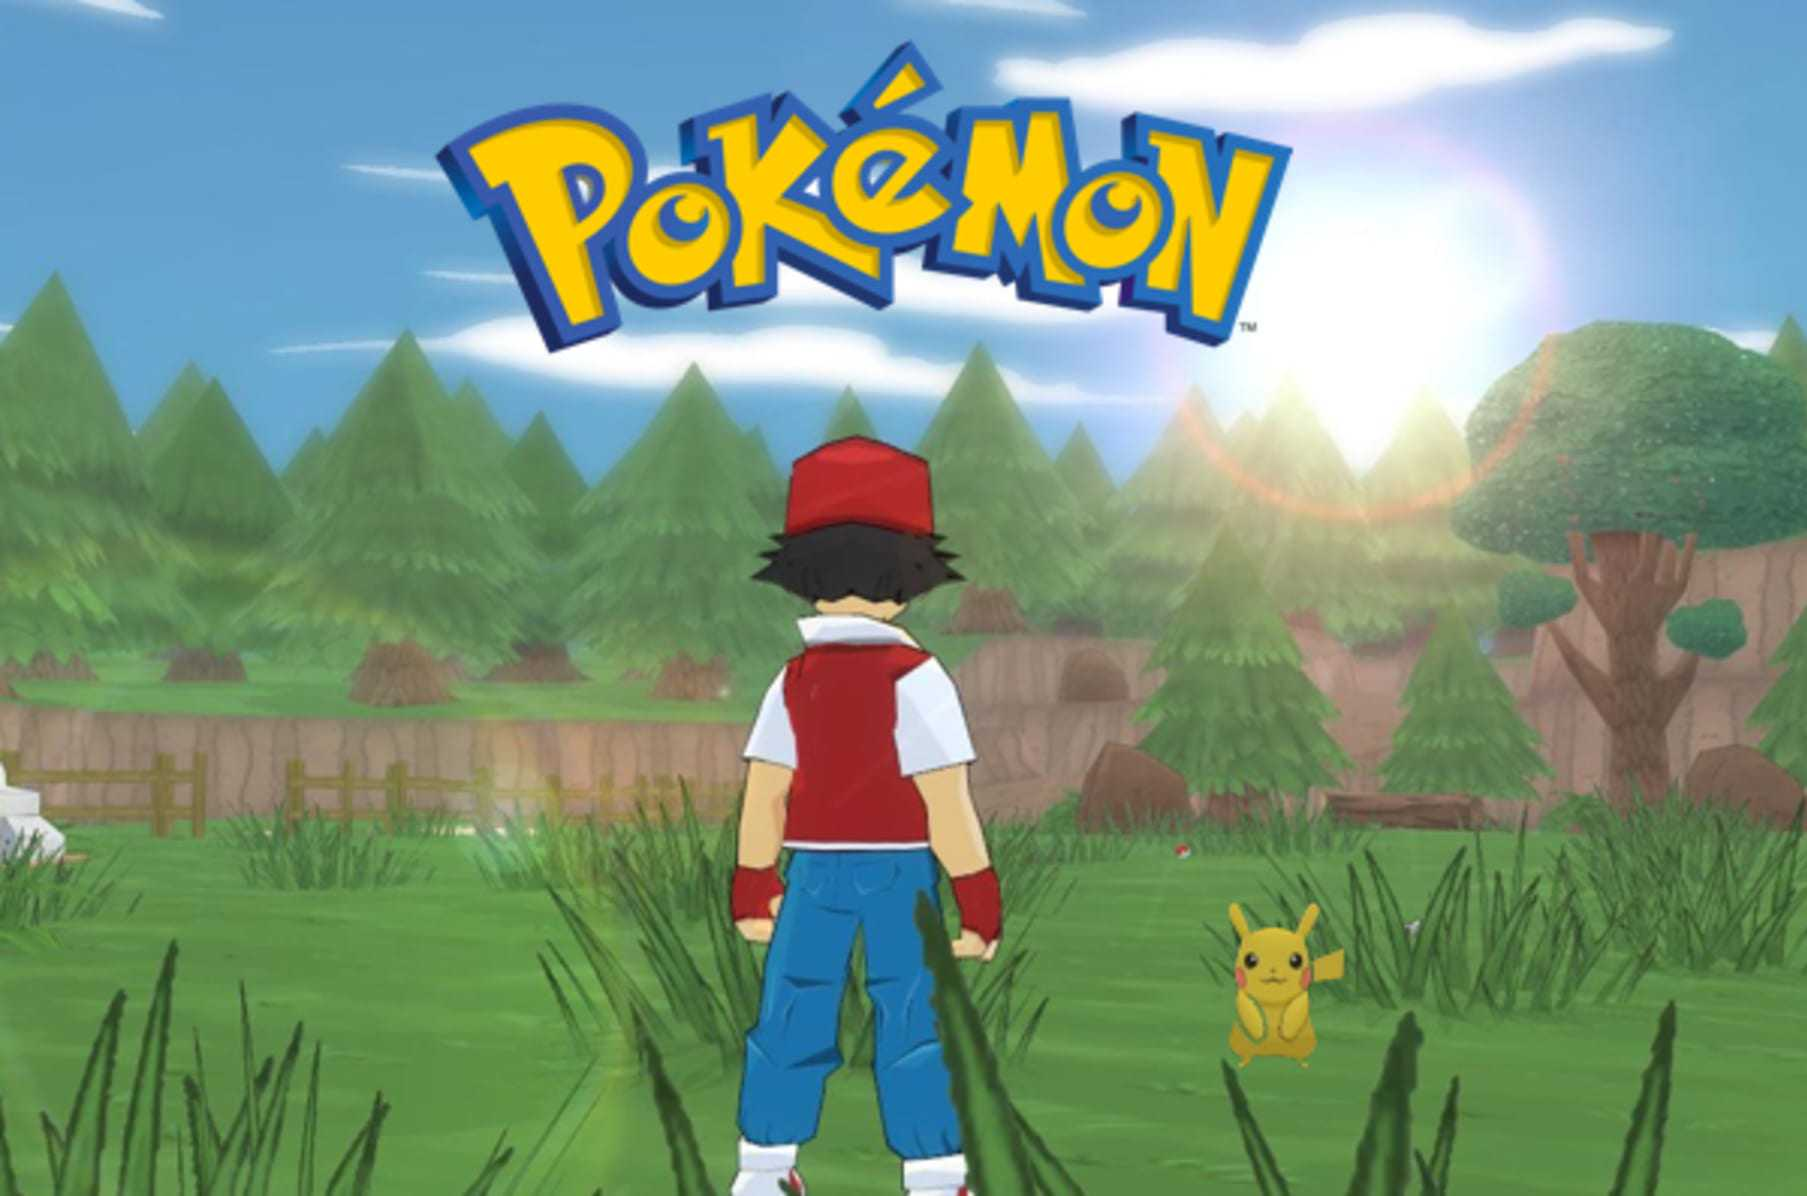 Pokemon Games in 2021